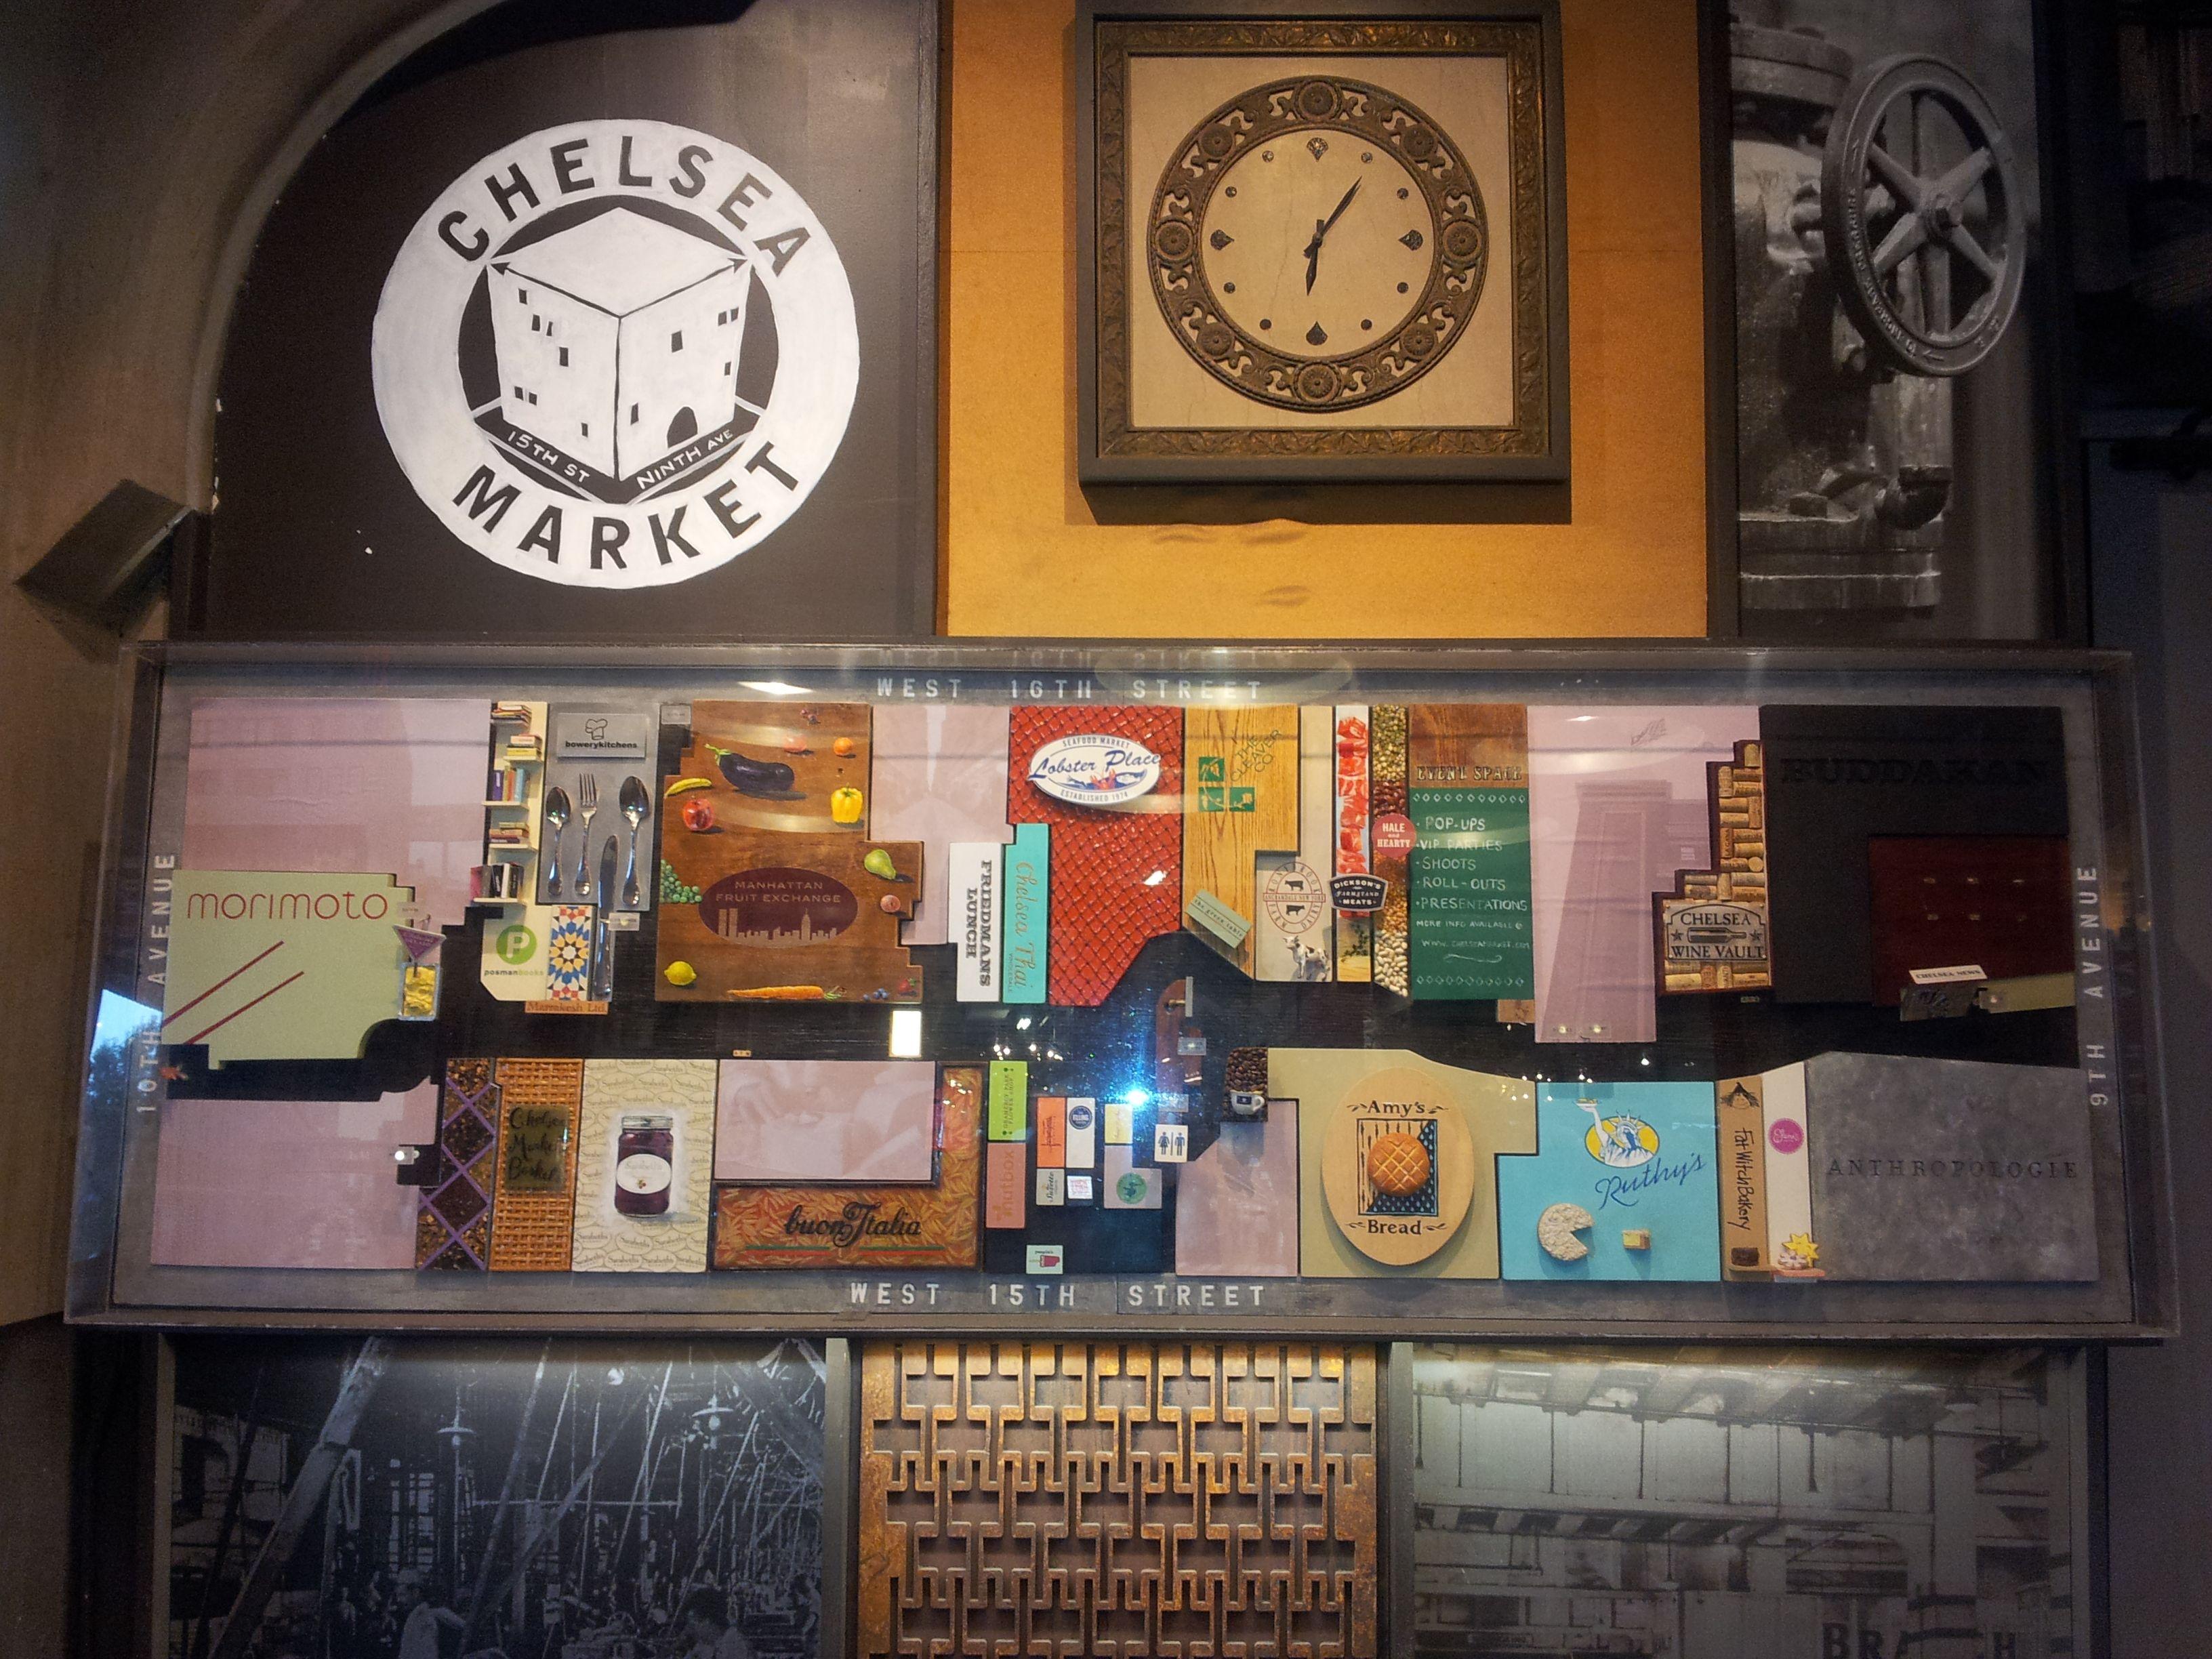 Chelsea Market (75 9th Avenue, NYC, NY):  If you love food, you must go to Chelsea Market if you go to New York City.